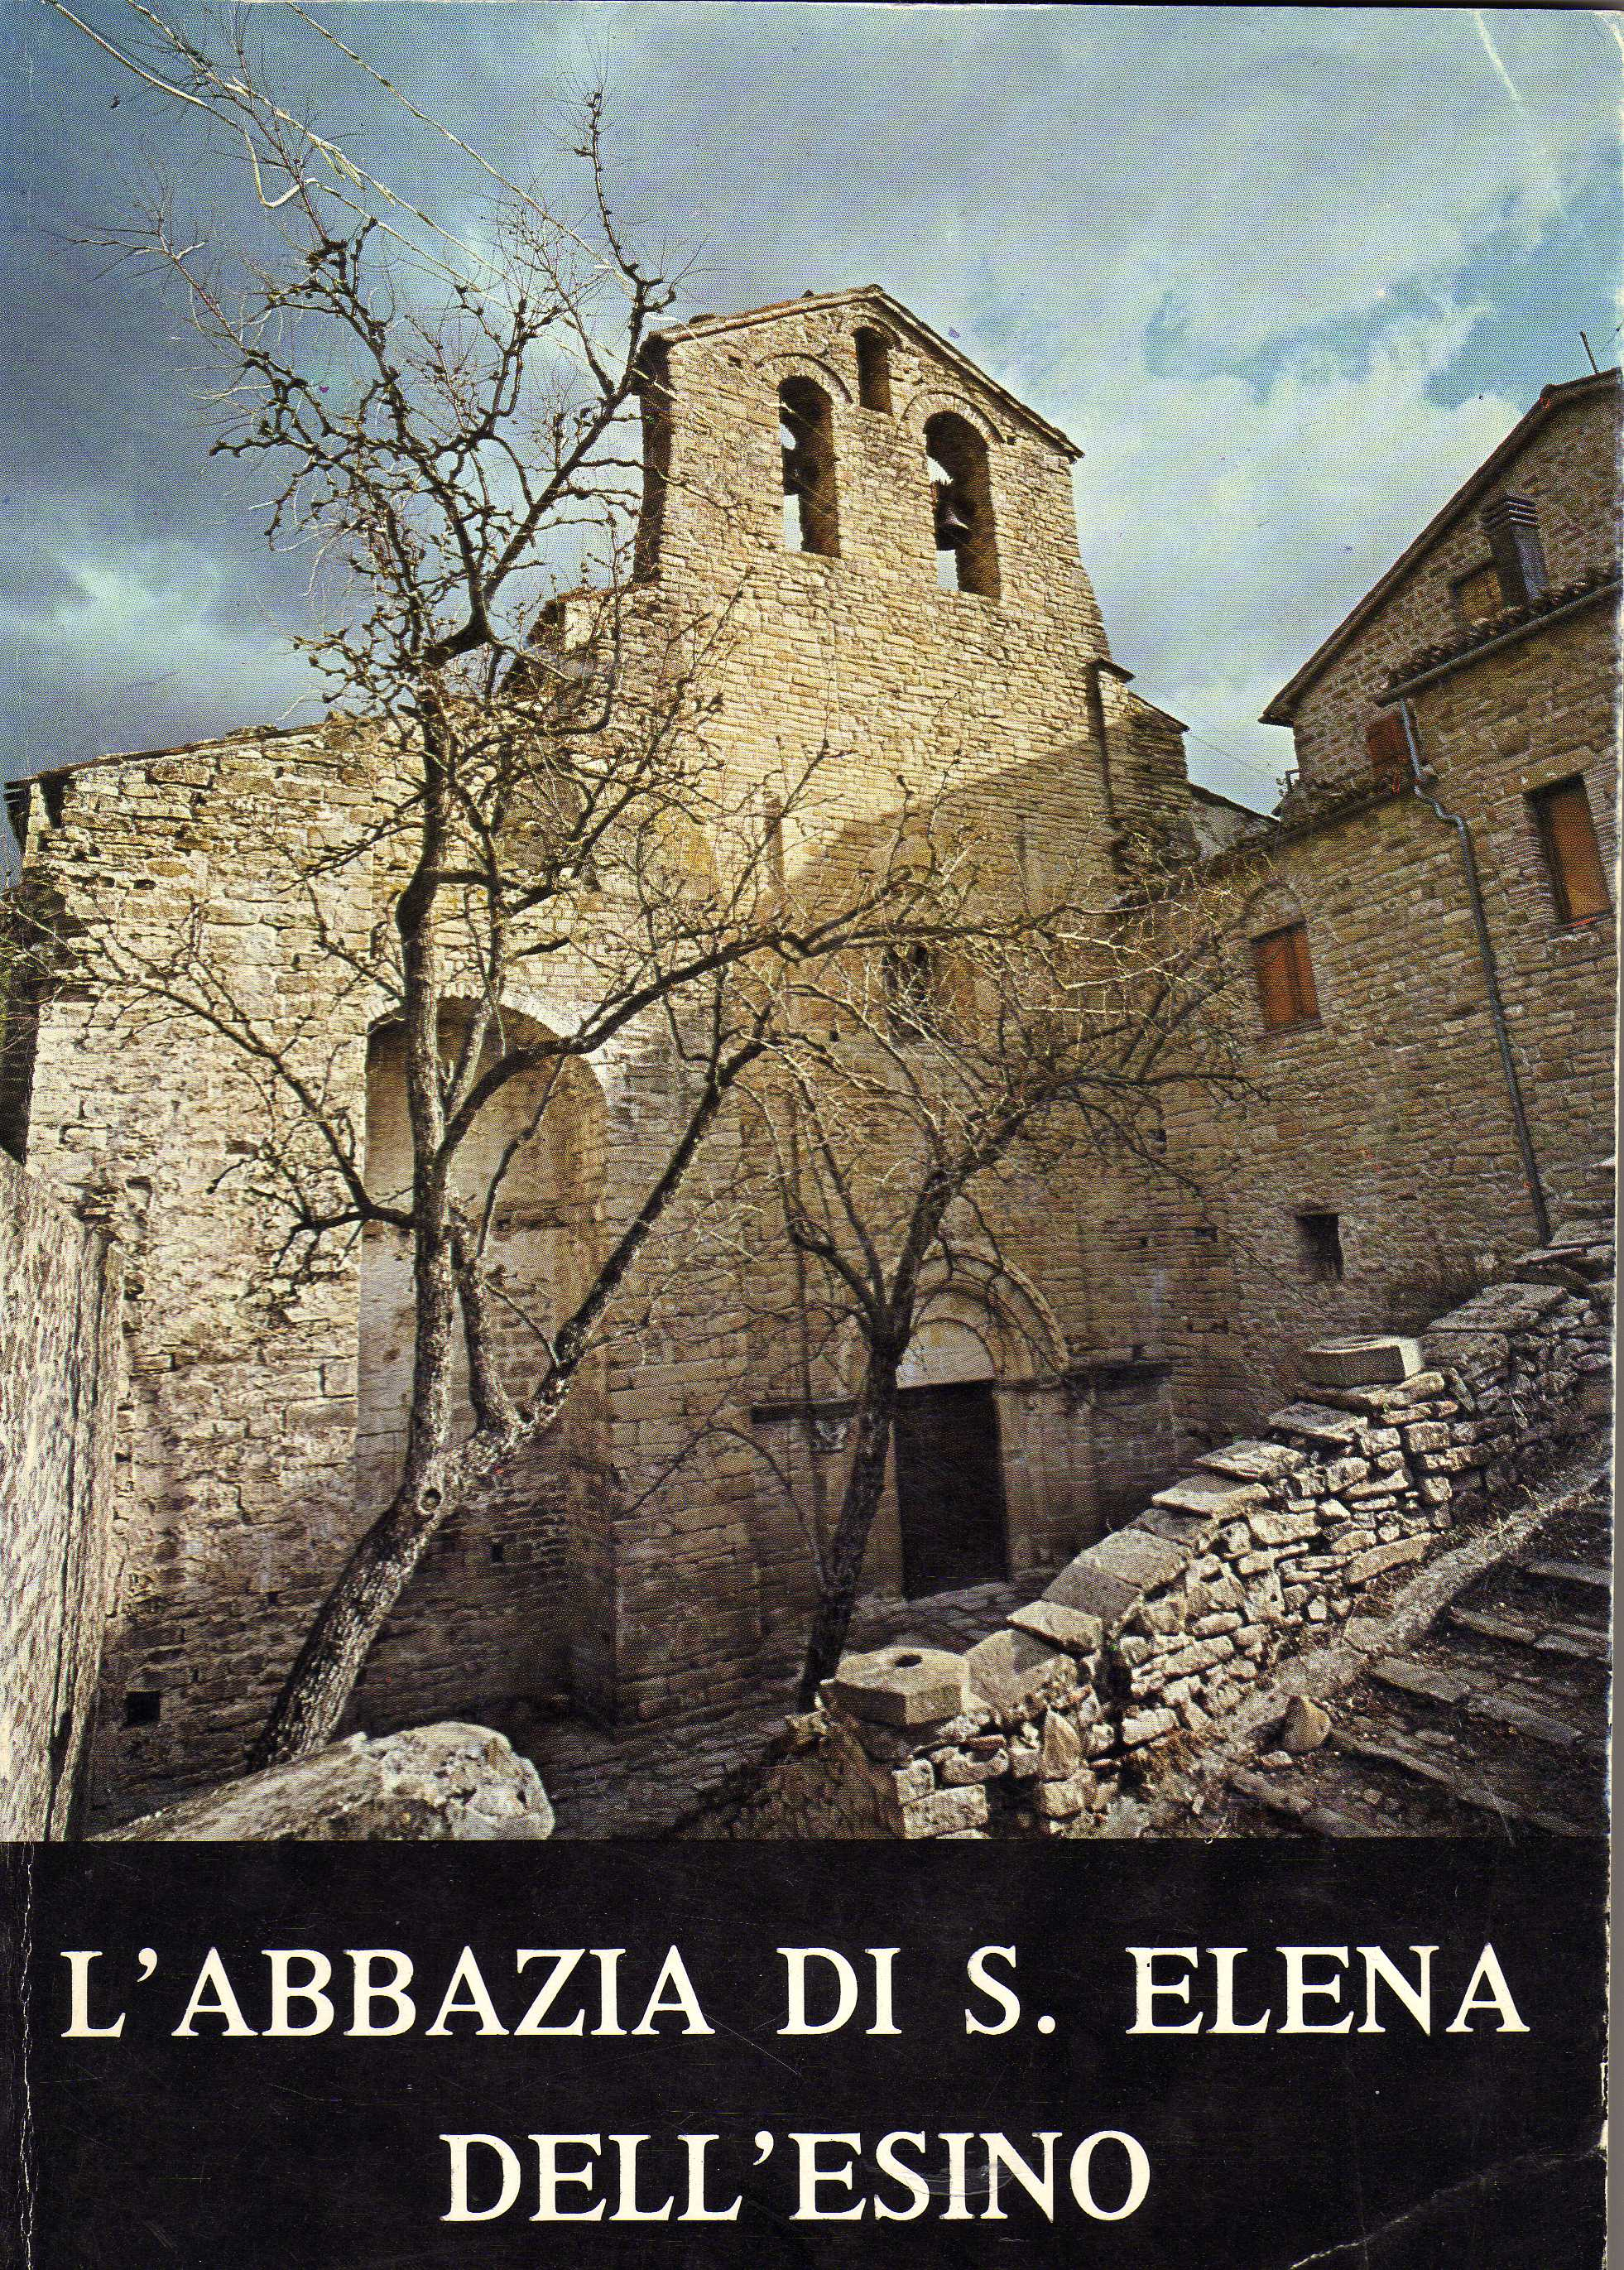 L'abbazia di S. Elena dell'Esino